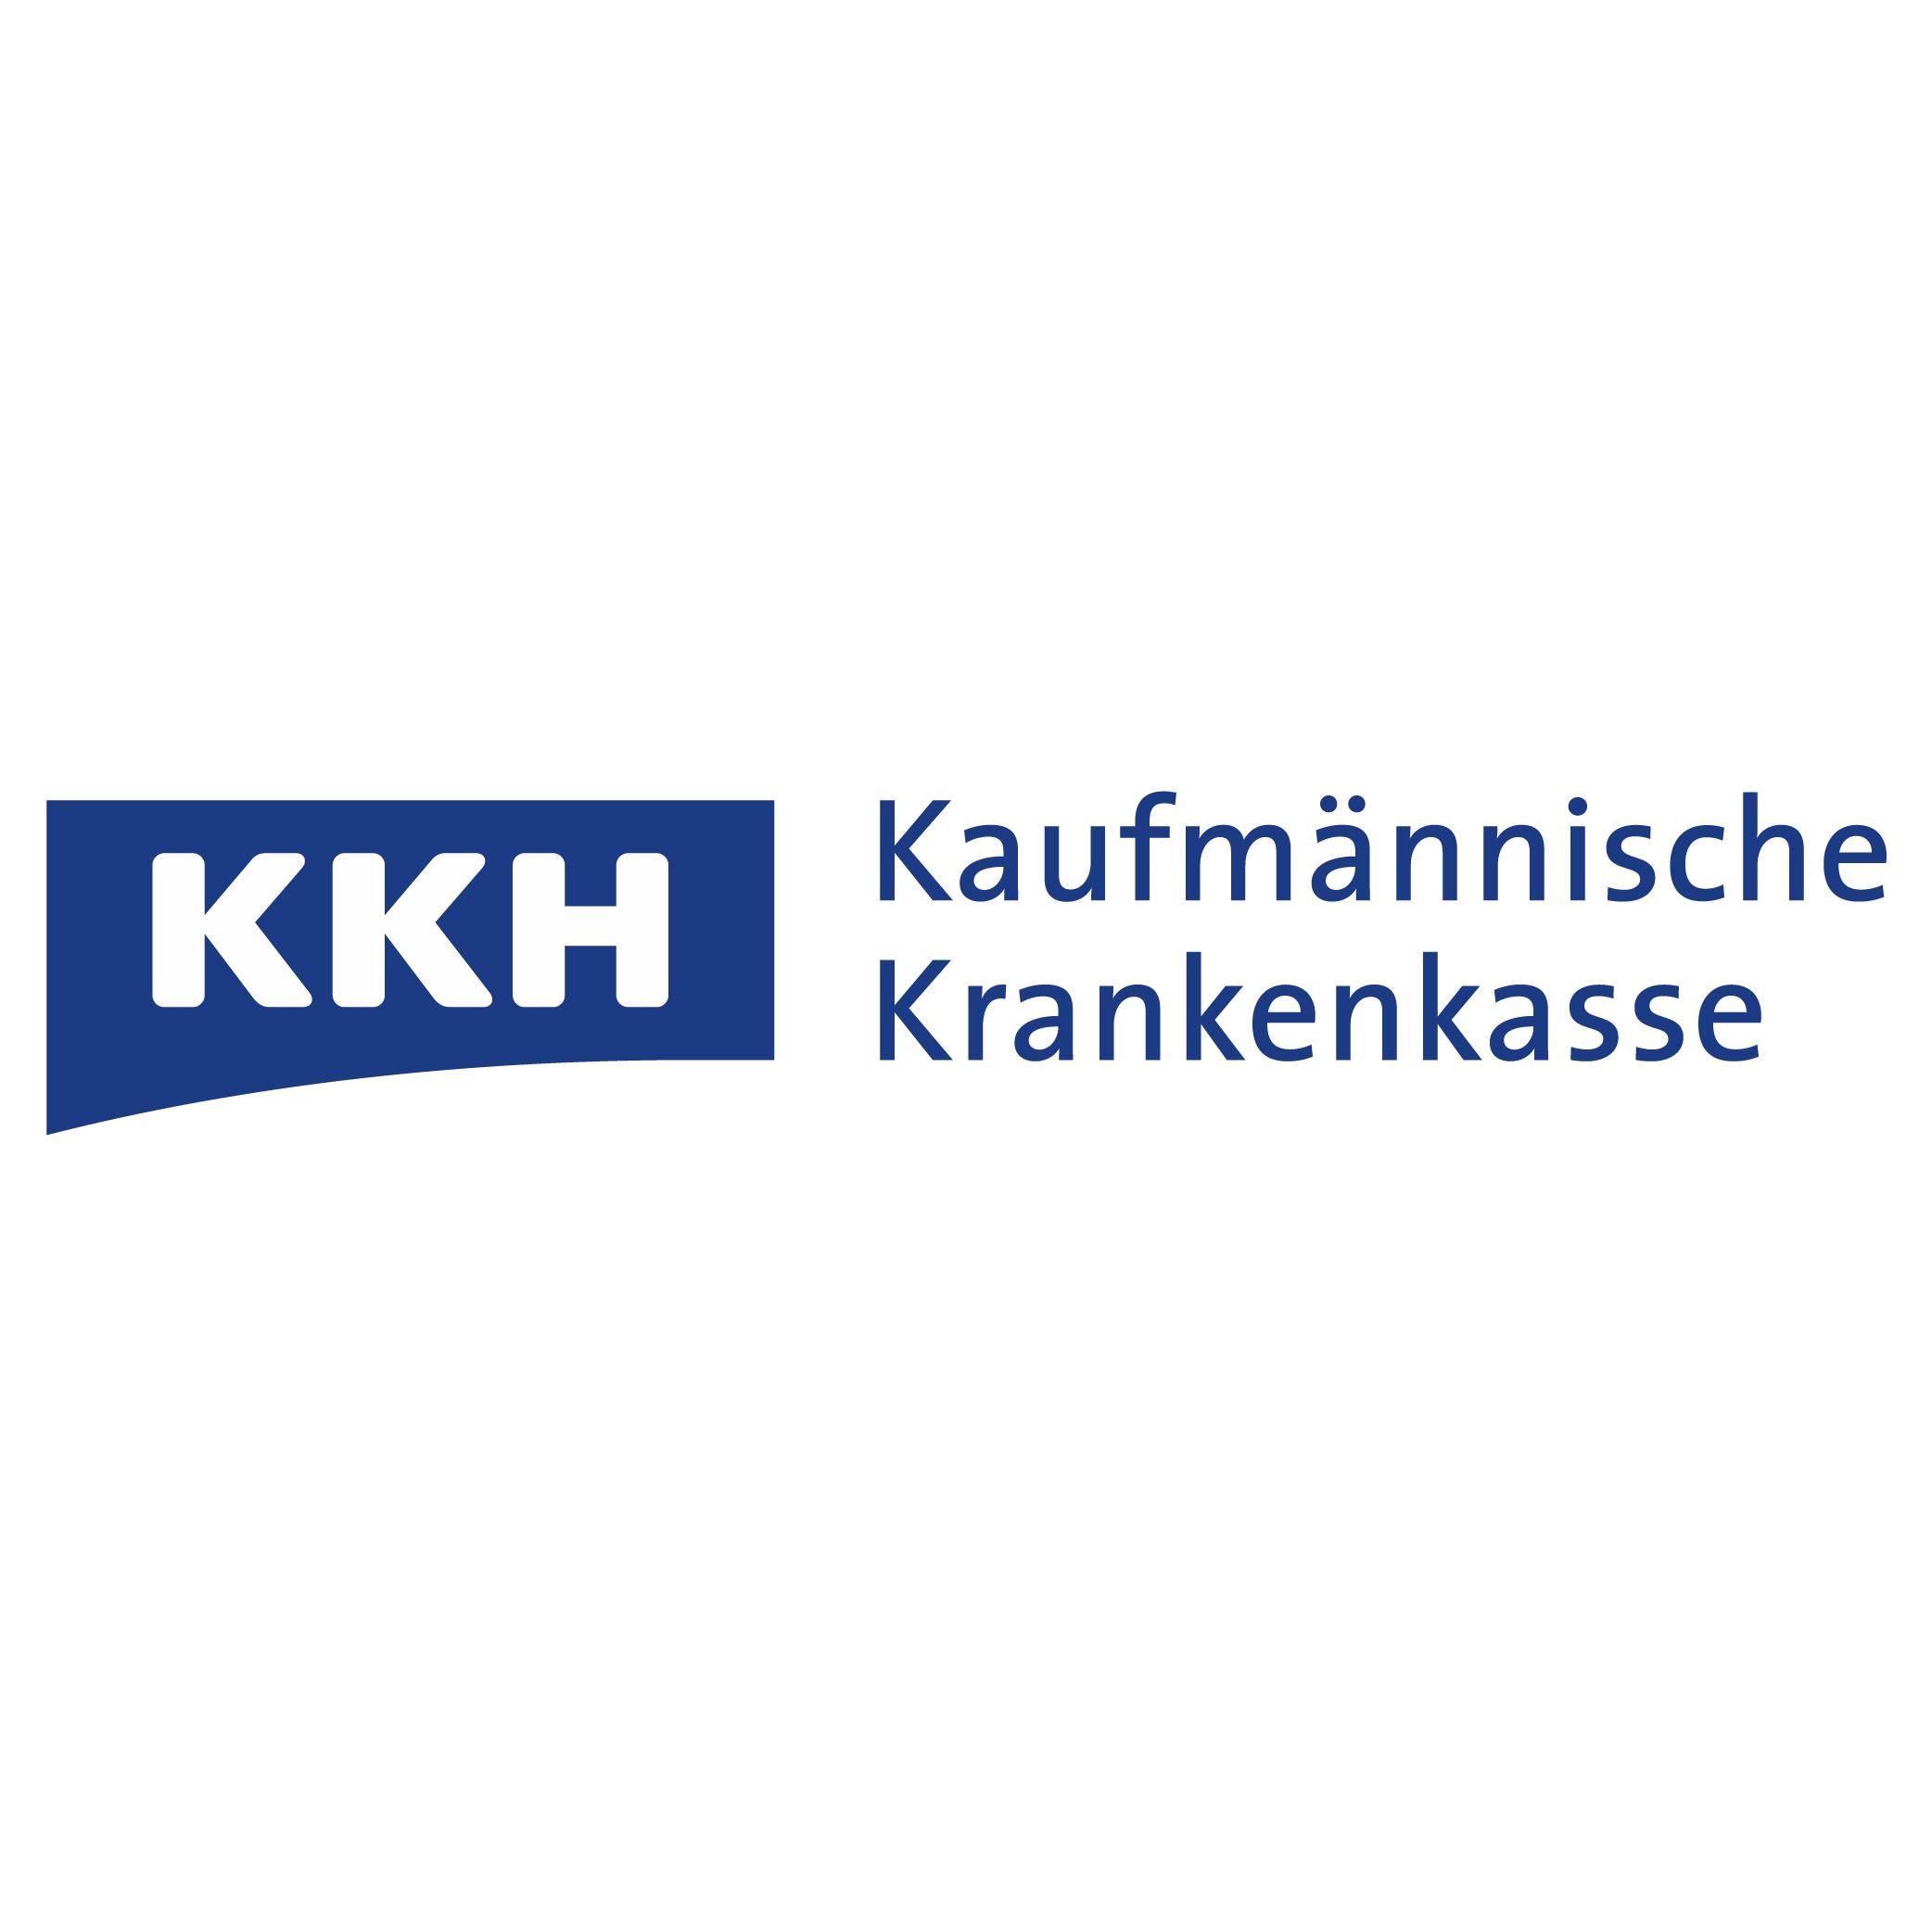 Markenzeichen der KKH Kaufmännische Krankenkasse